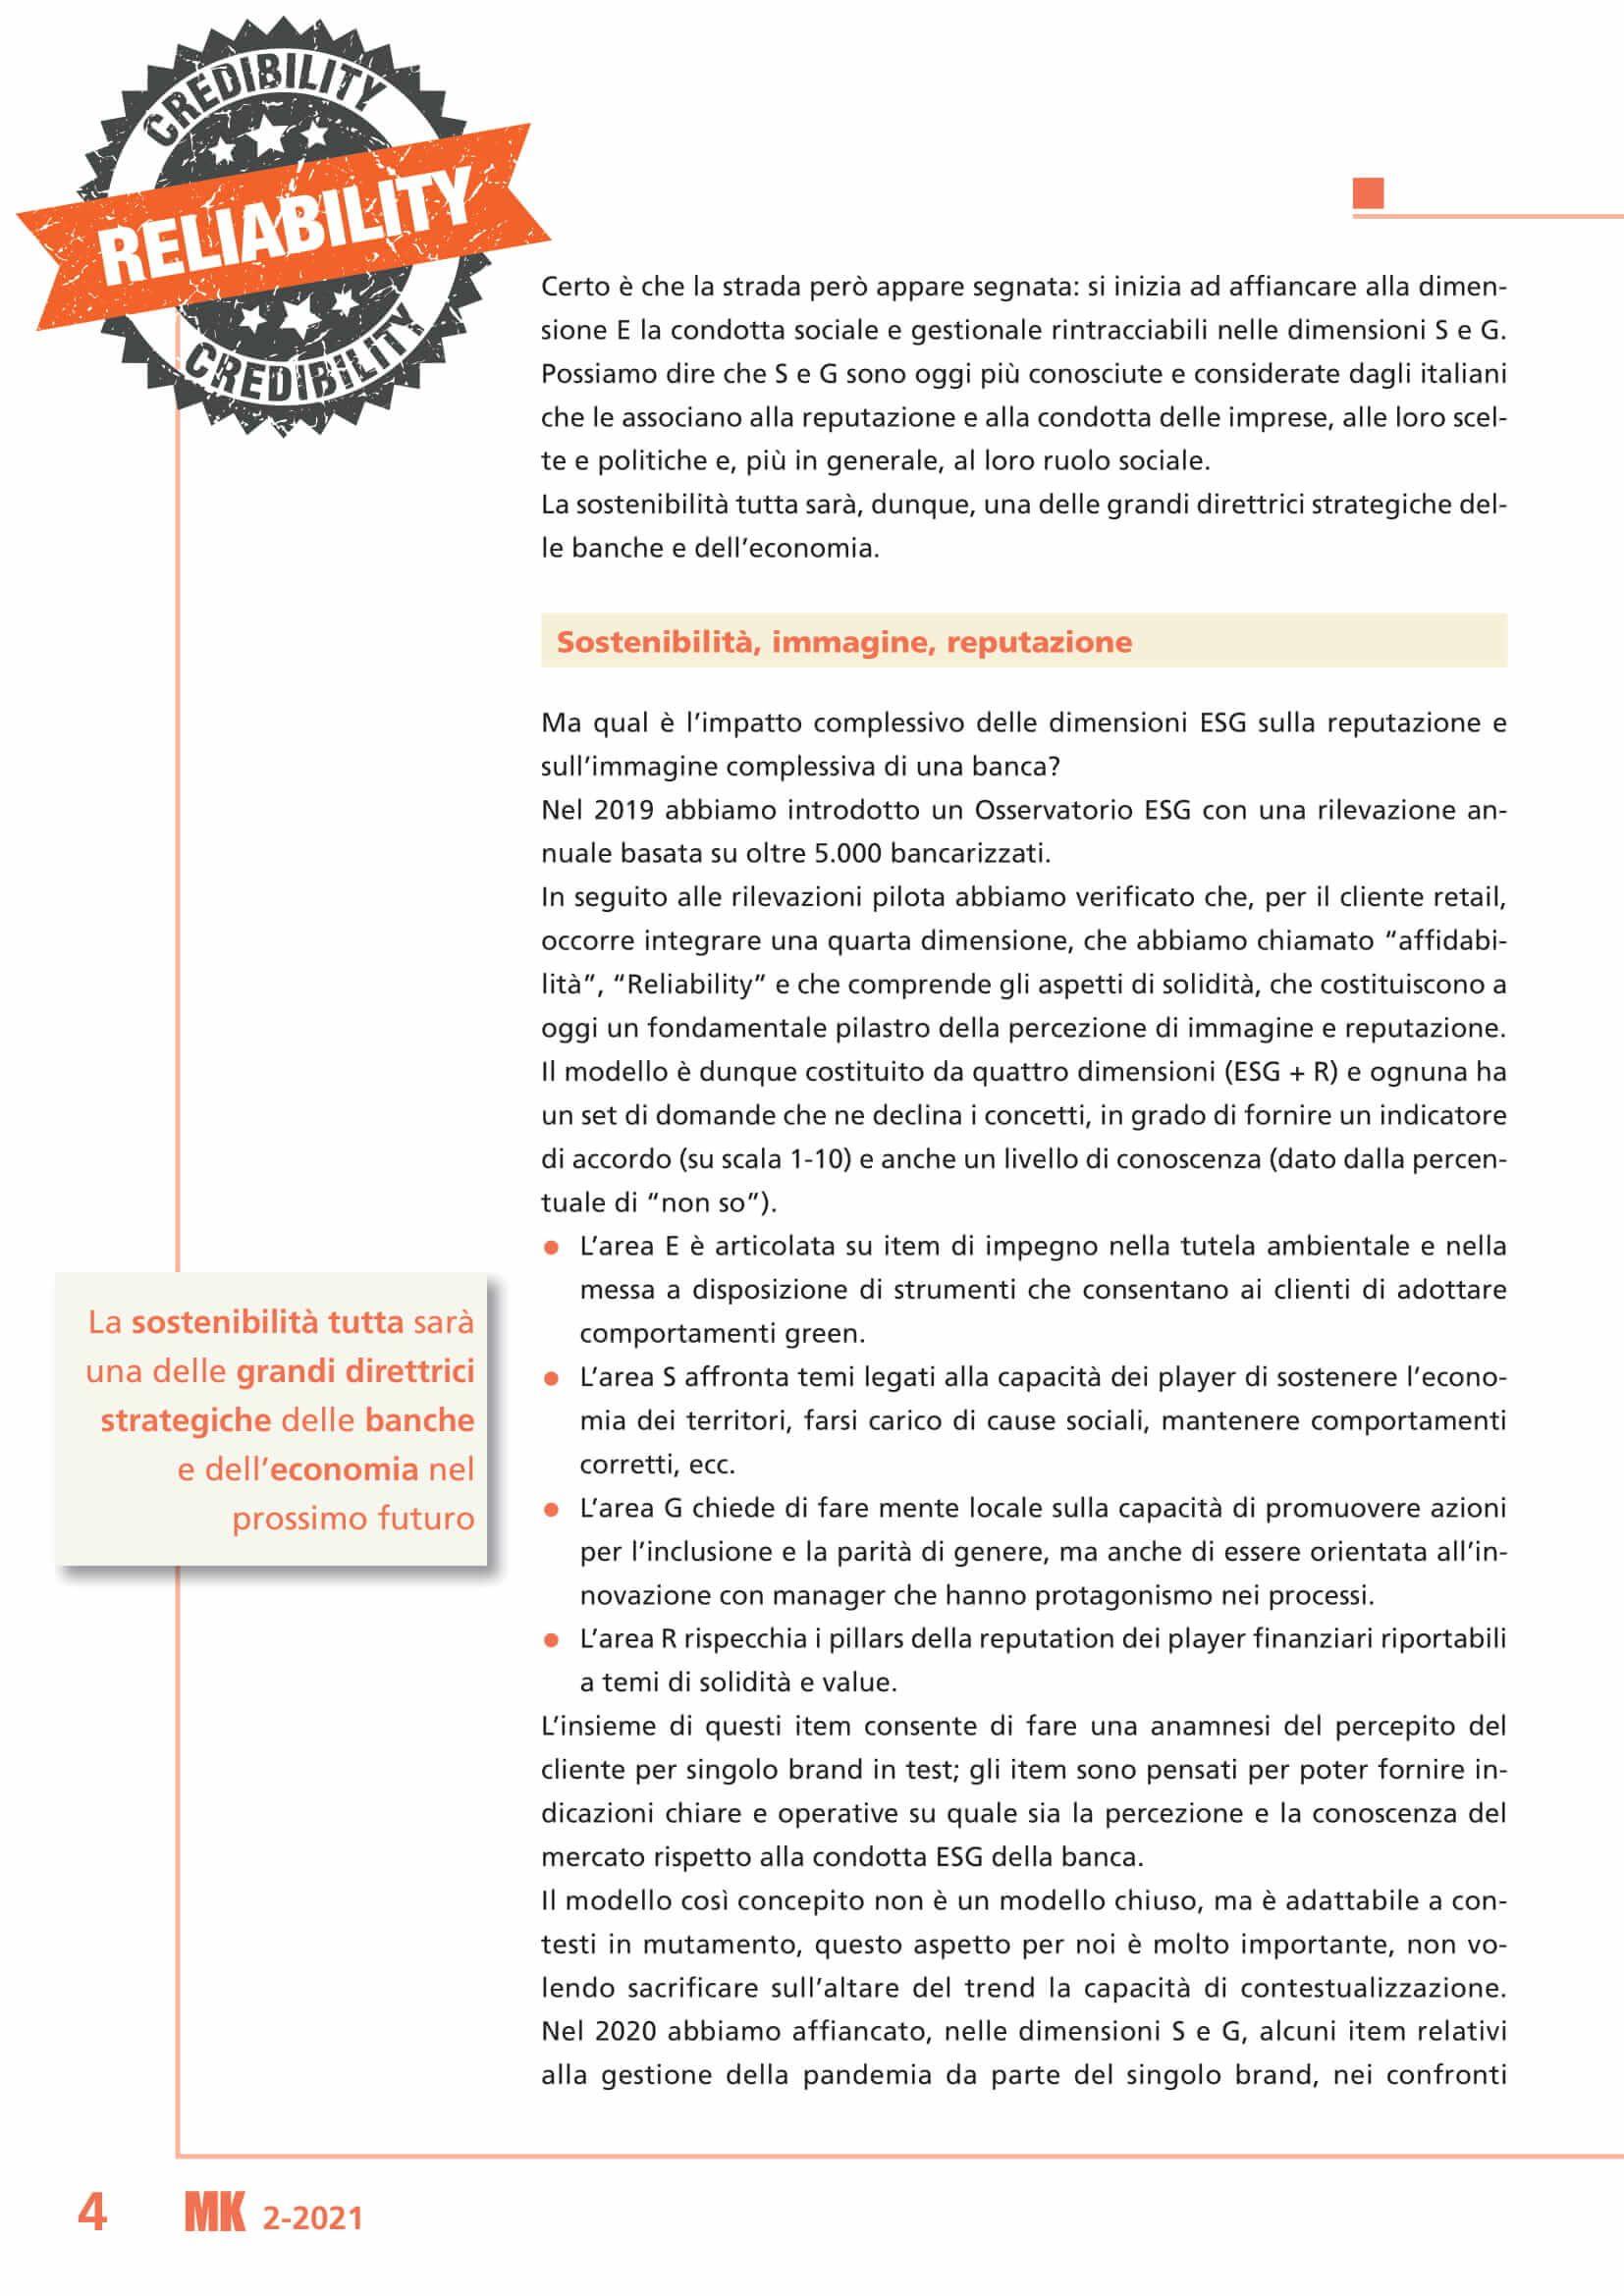 Esg Sostenibilità E Clienti Estratto Pizzoglio 05